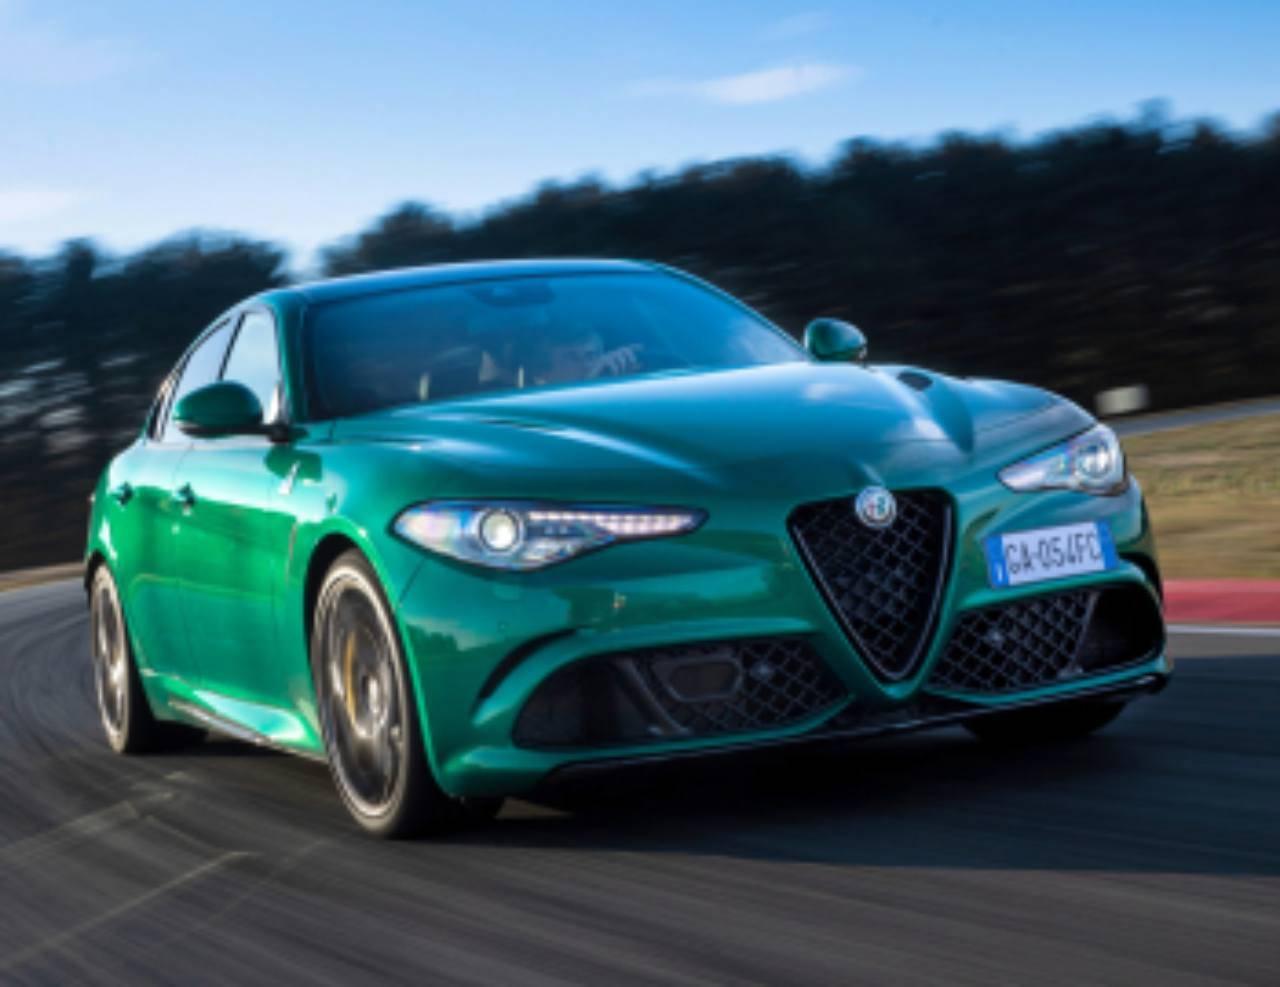 Alfa Romeo, 110 anni di storia Made in Italy